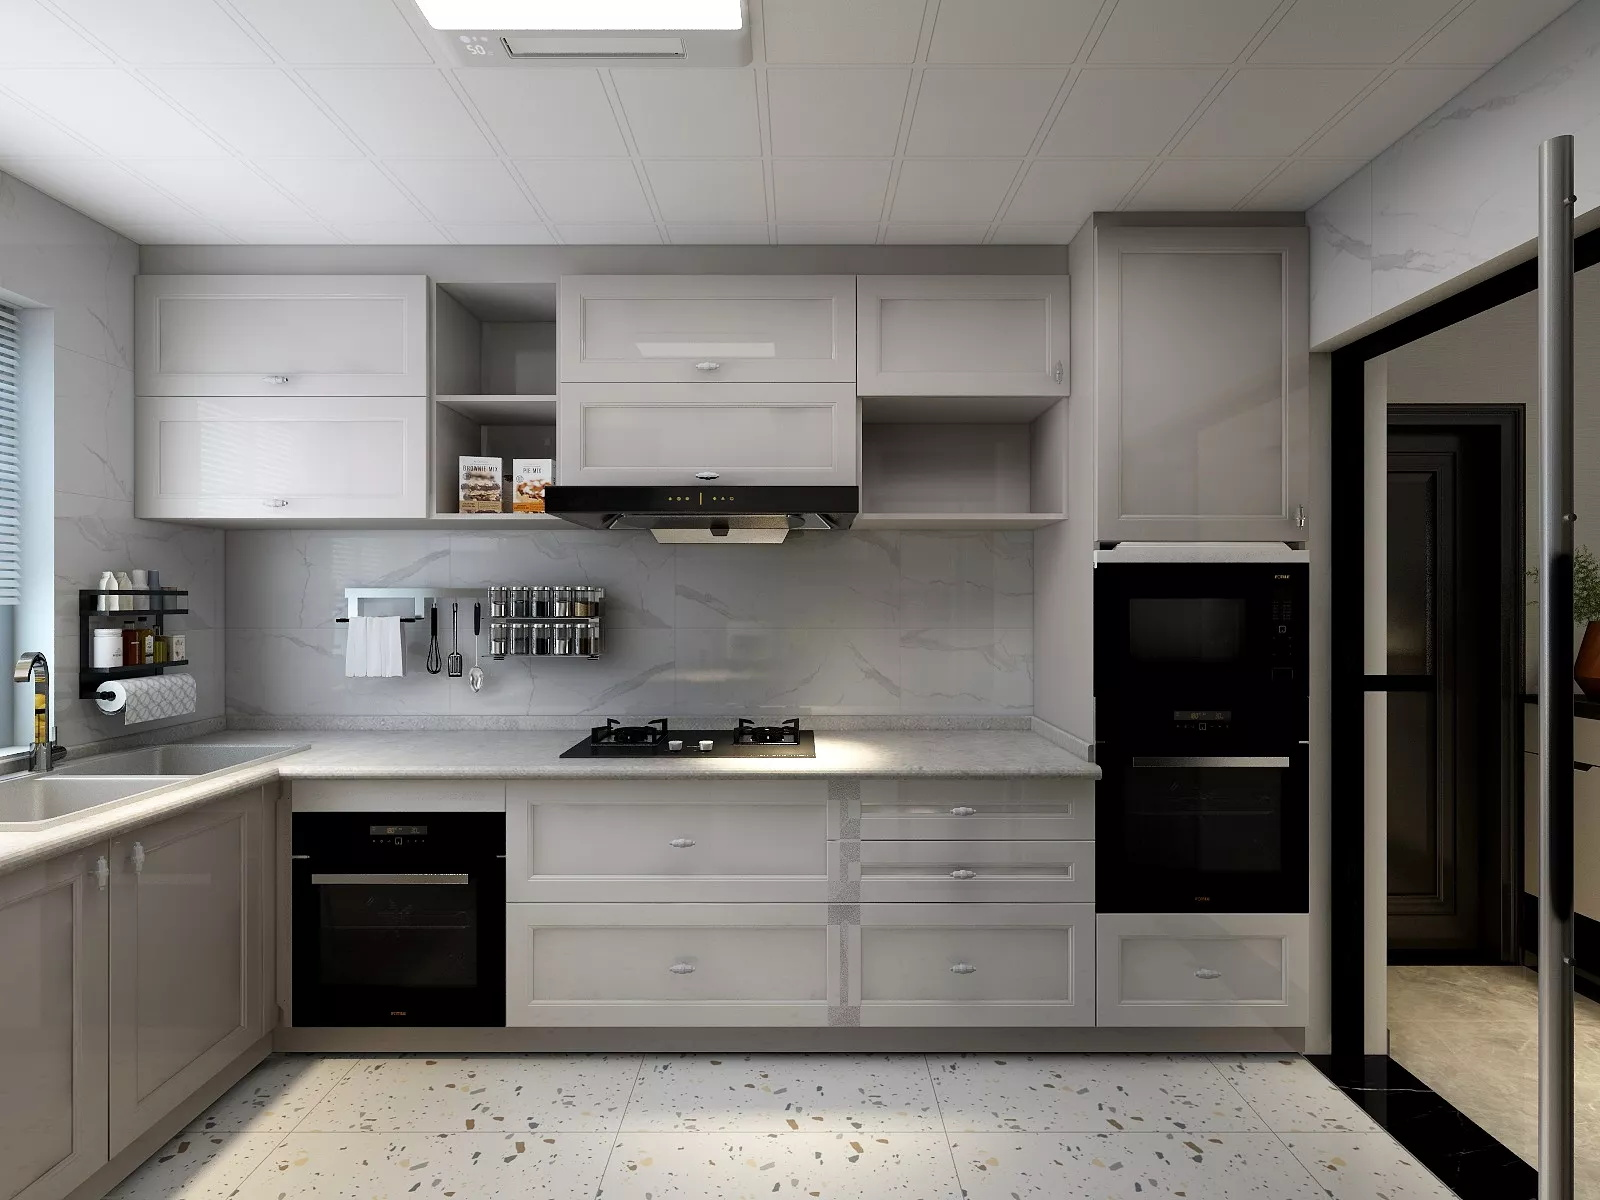 宜家风格的整体厨房有哪些优势?